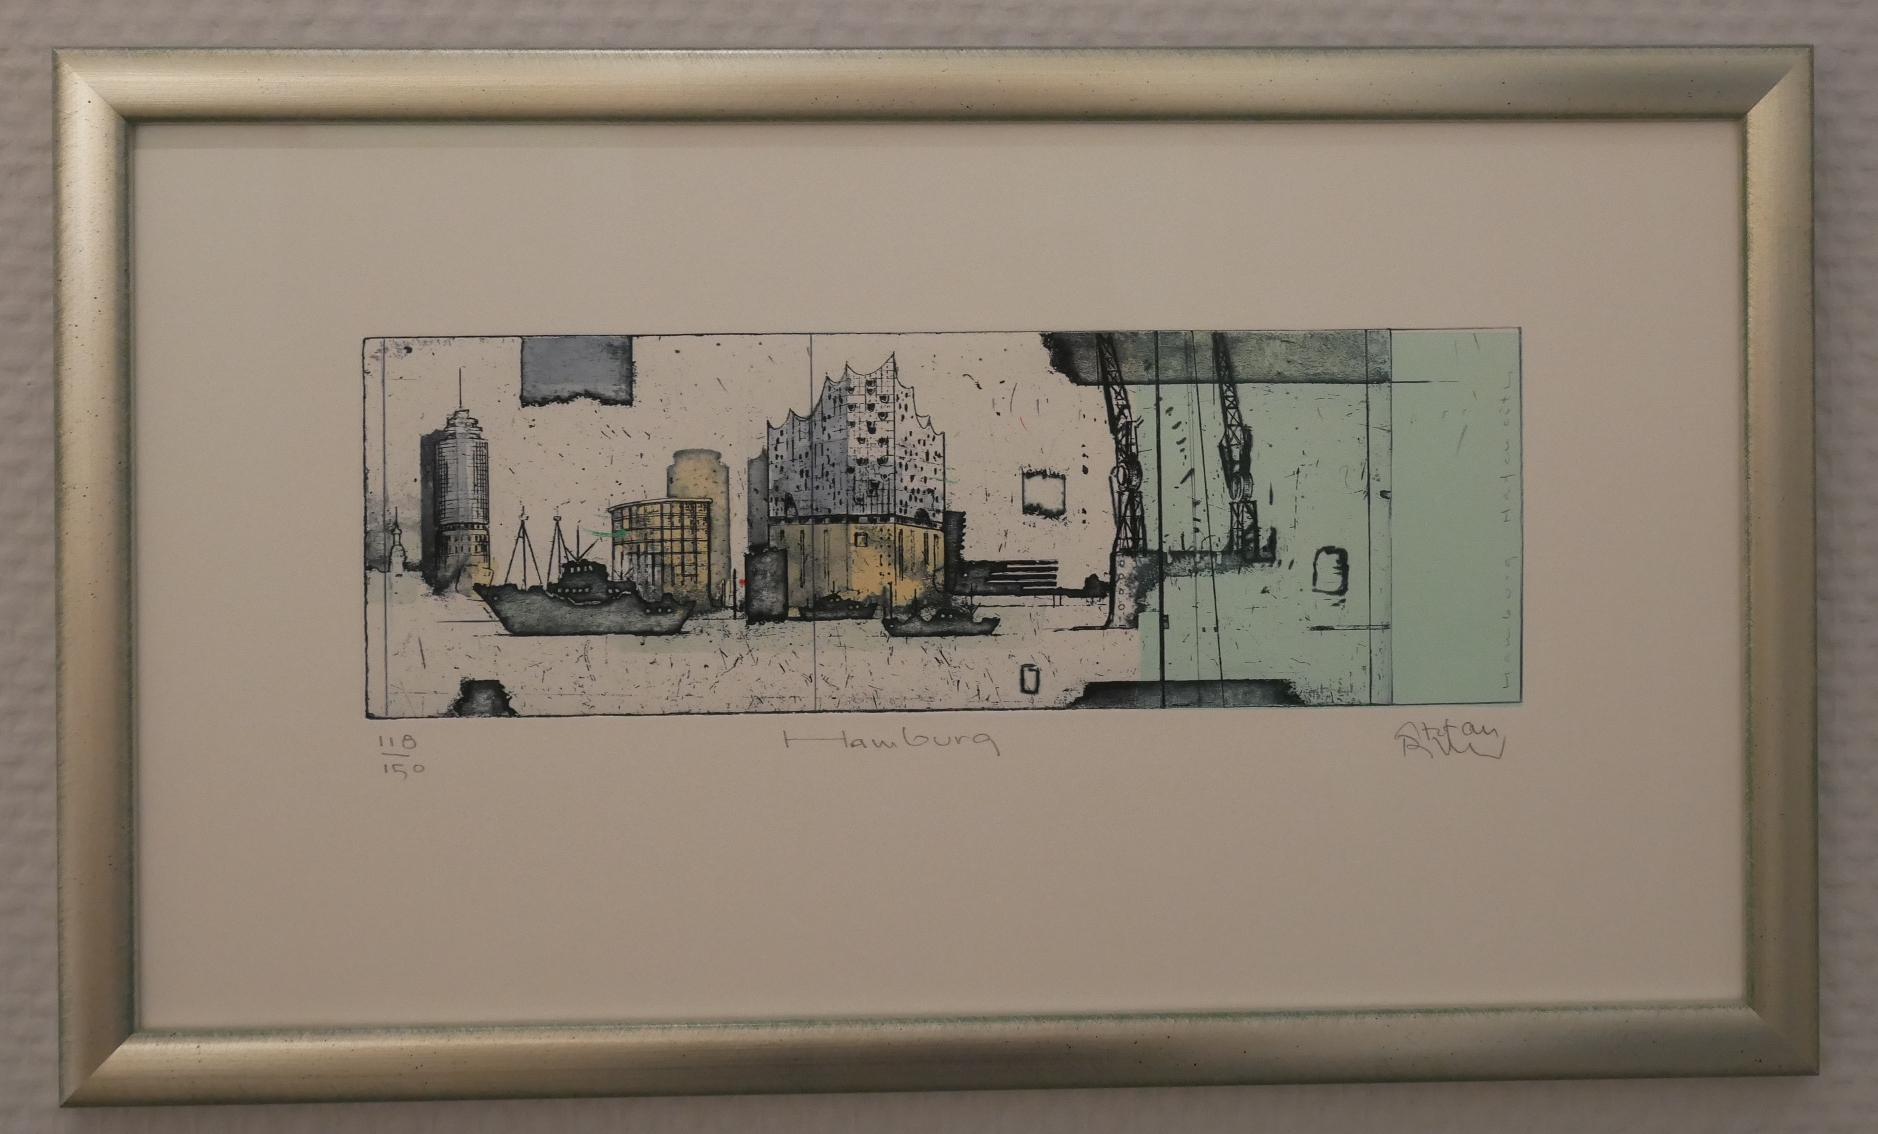 Hamburg Elbphilharmonie und Hafencity, silber gerahmt